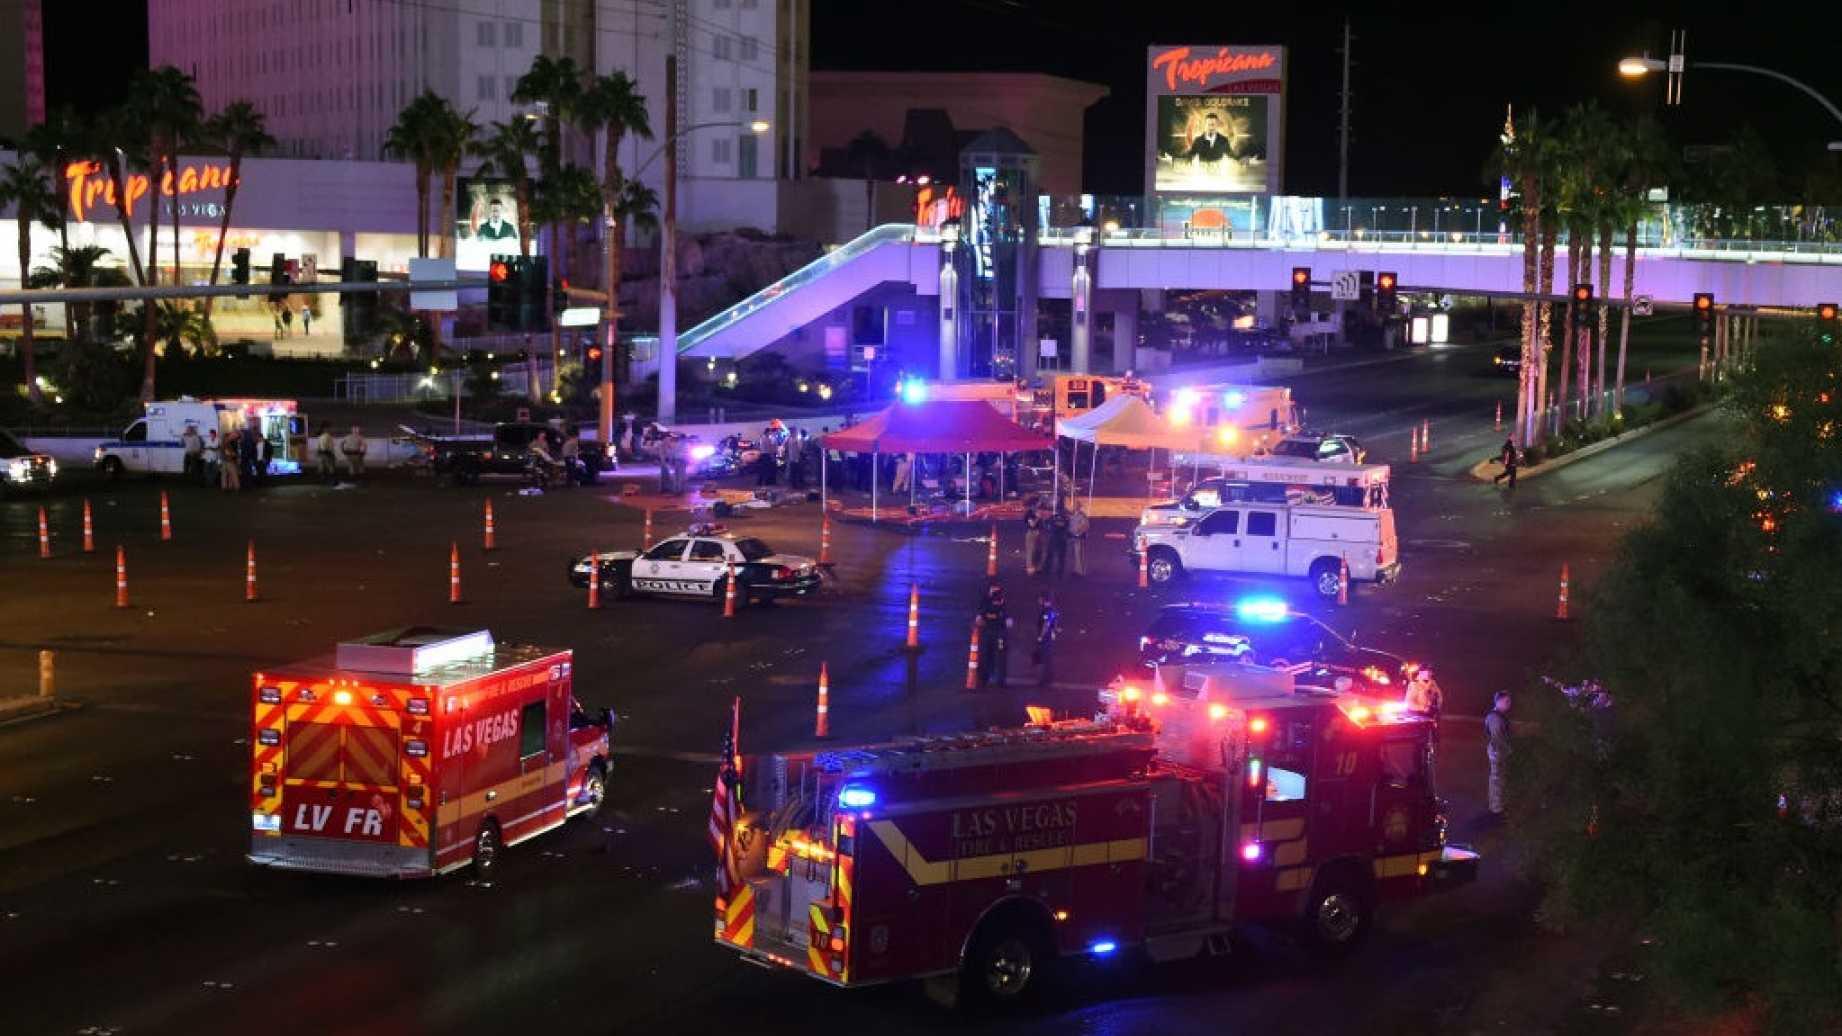 تیرانداز لاس وگاس قصد داشته است خودروی خود را نیز منفجر کند